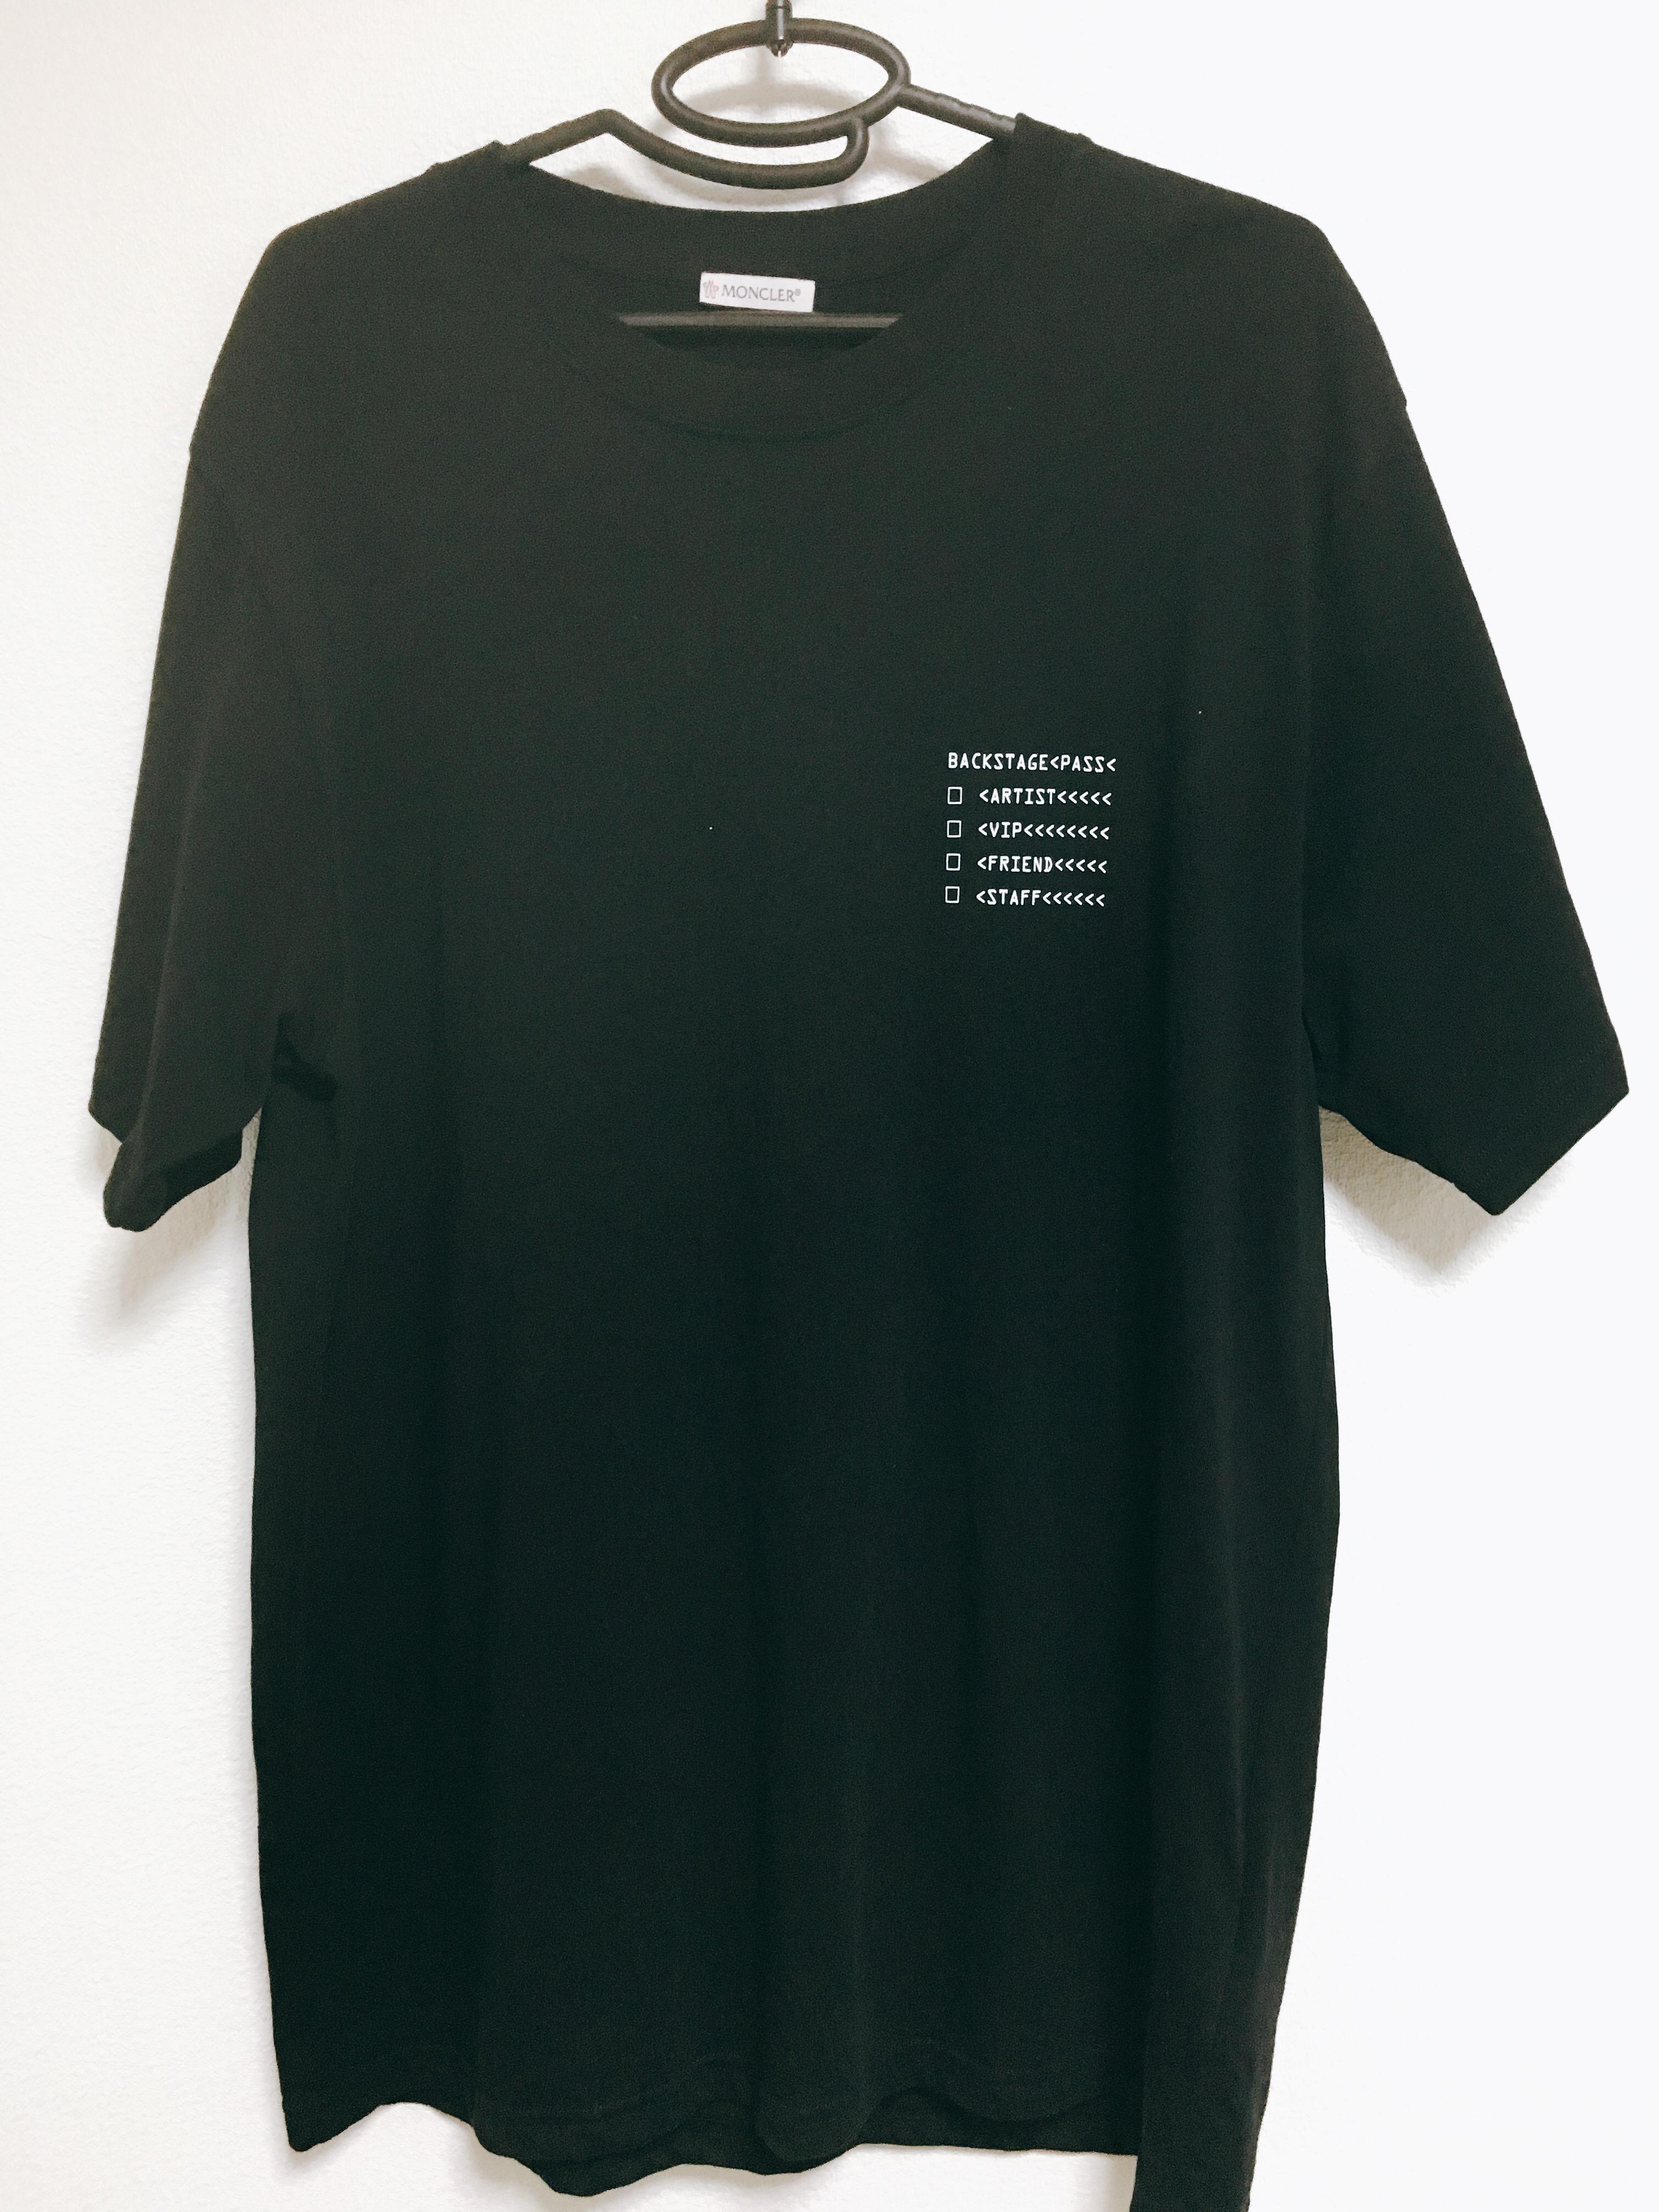 ラファエル着用のモンクレールのTシャツ モンクレールジーニアス 藤原ヒロシ